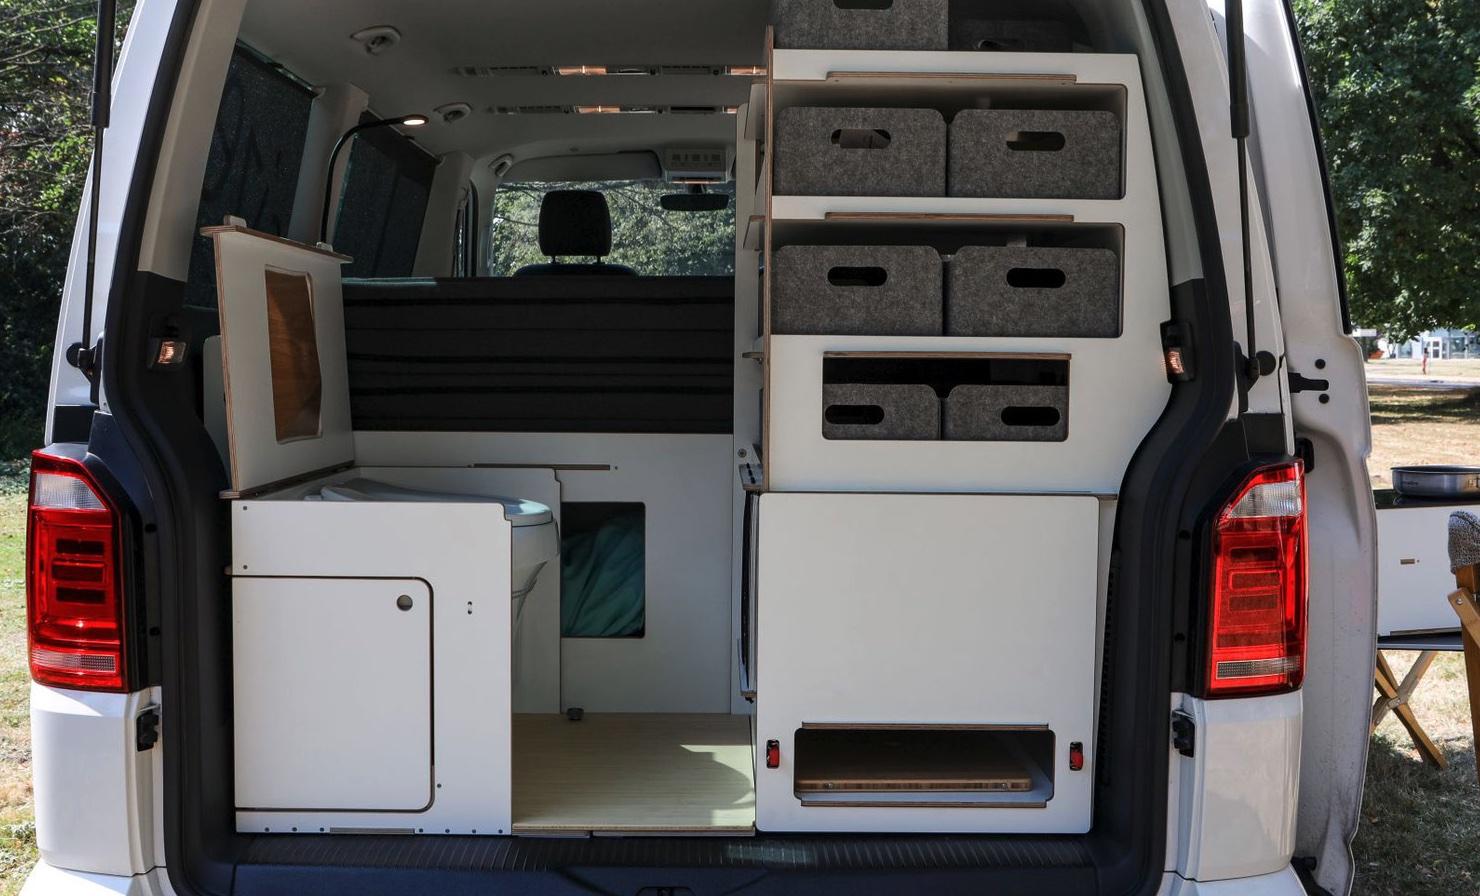 Queensize Camper Modularer Innenausbau für VW T5/T6 Schrankmodul